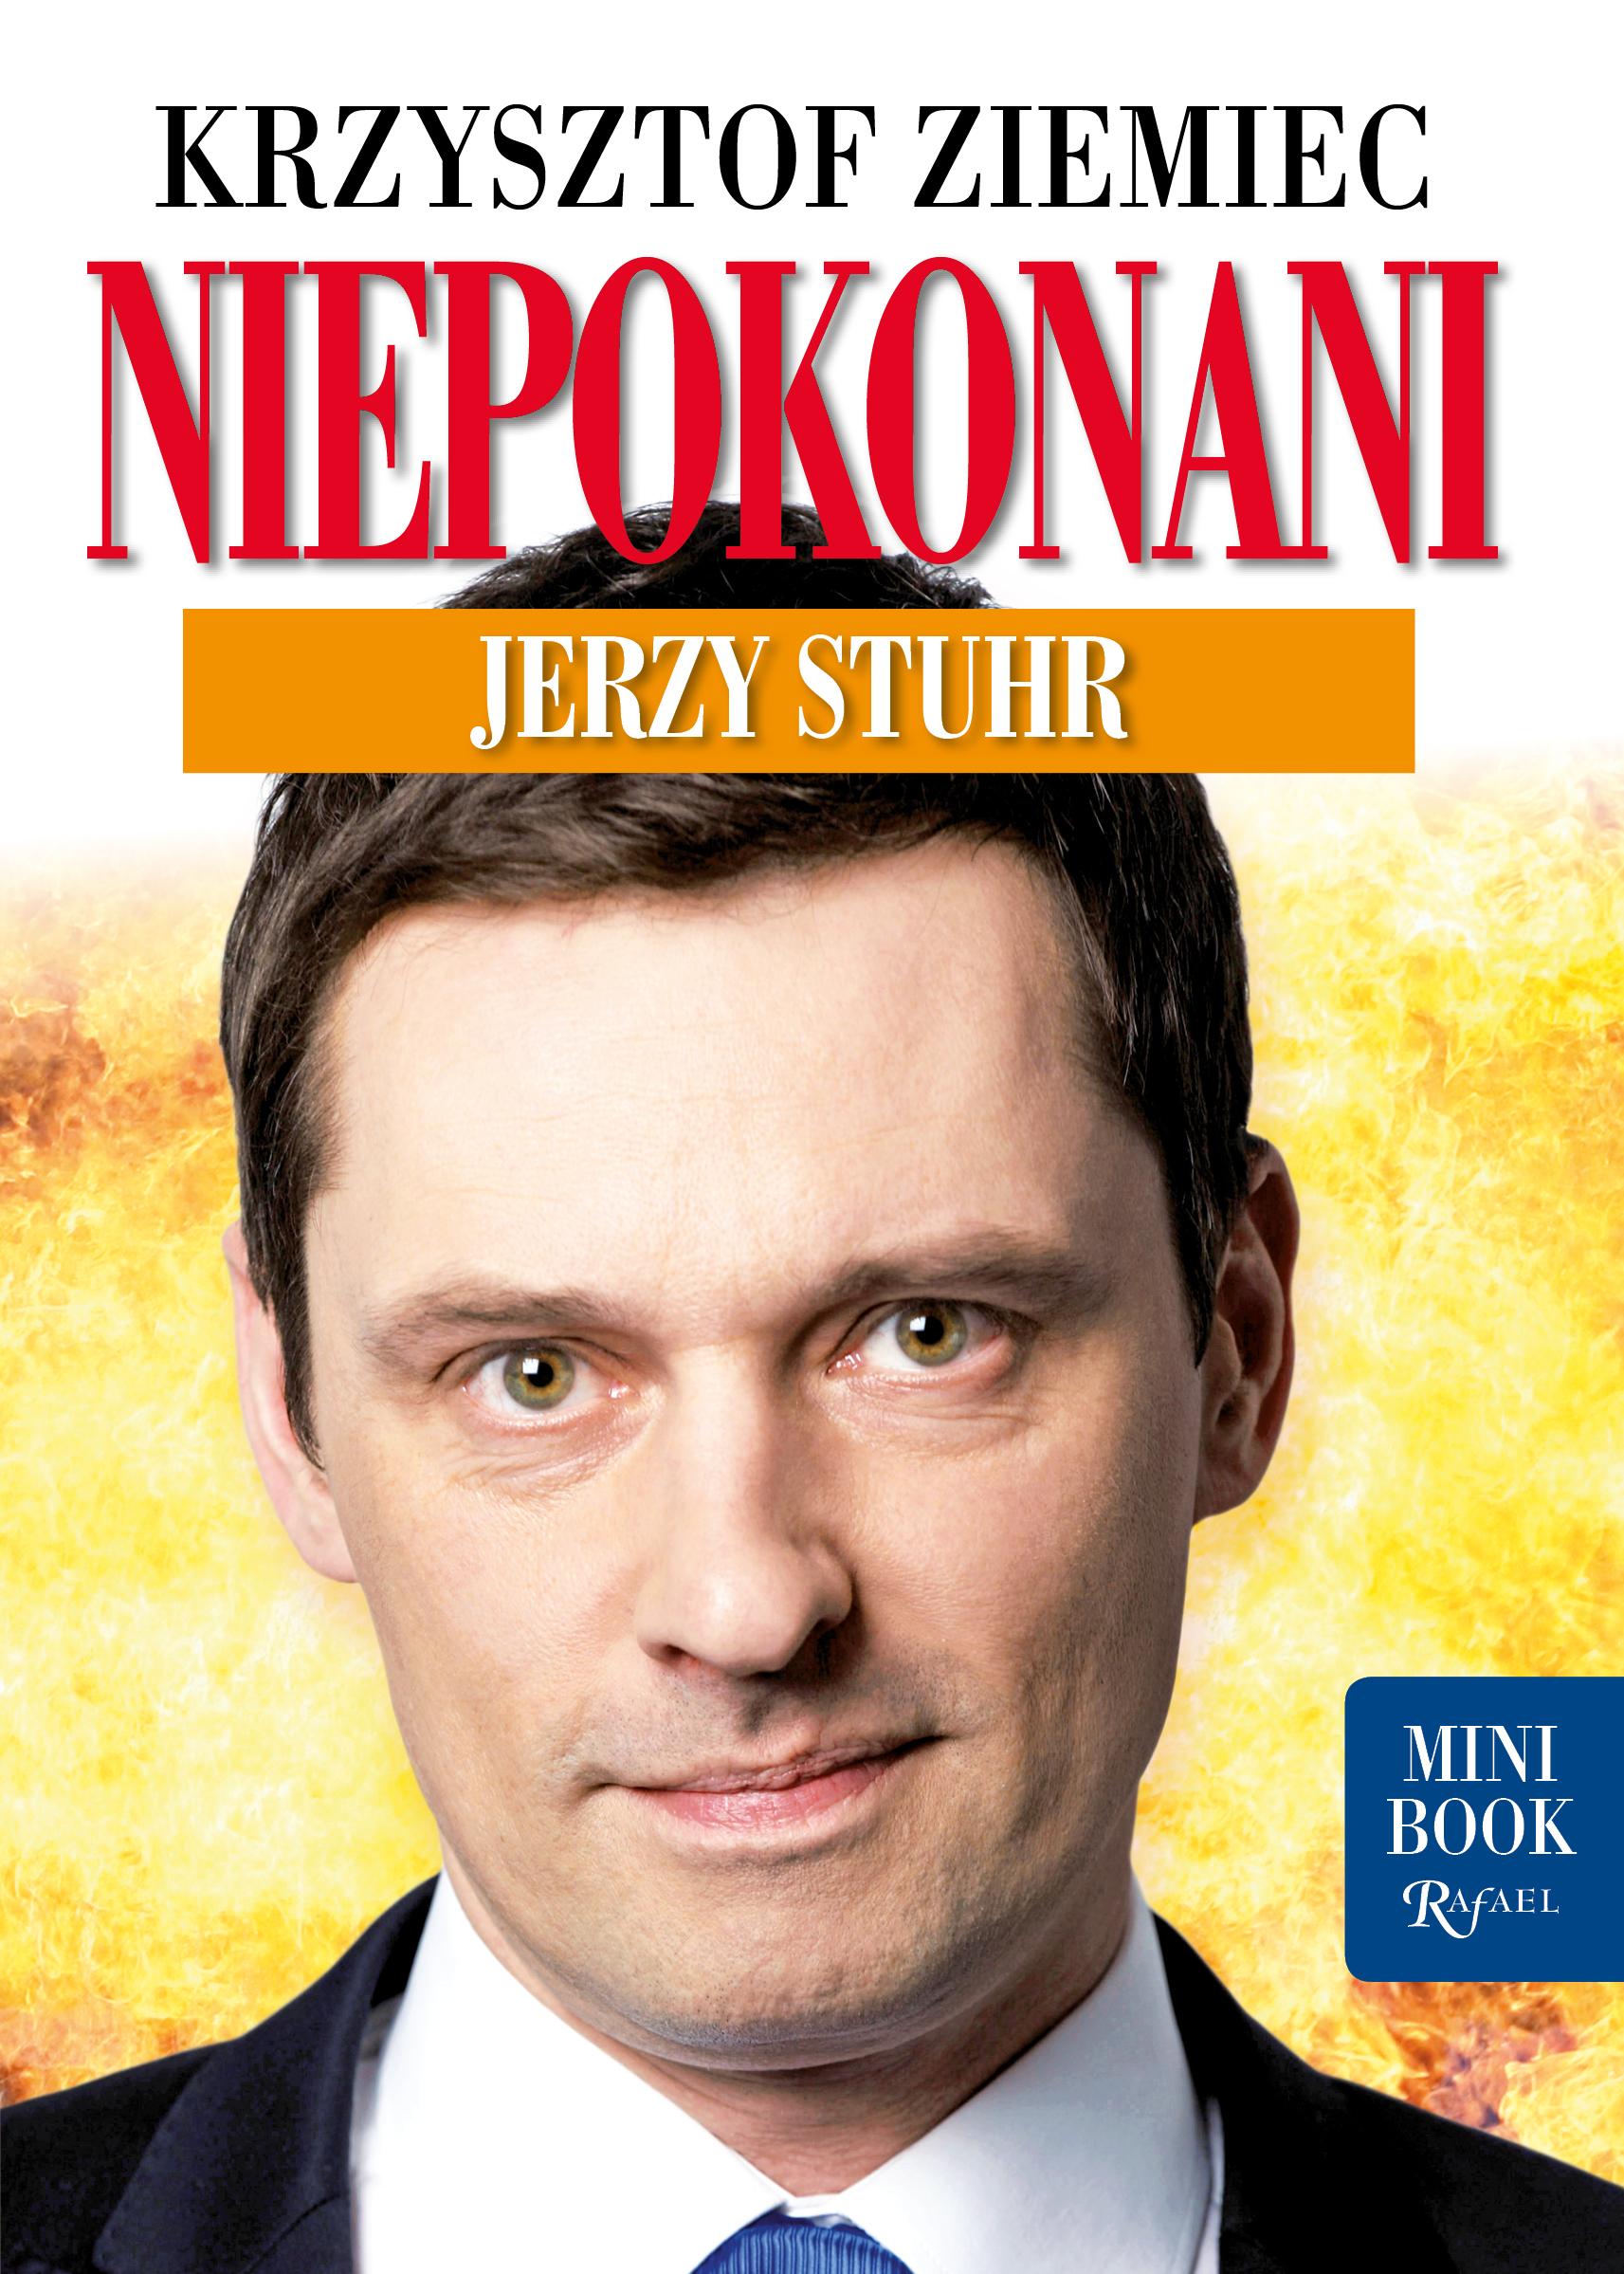 Krzysztof Ziemiec Niepokonani - Jerzy Stuhr цены